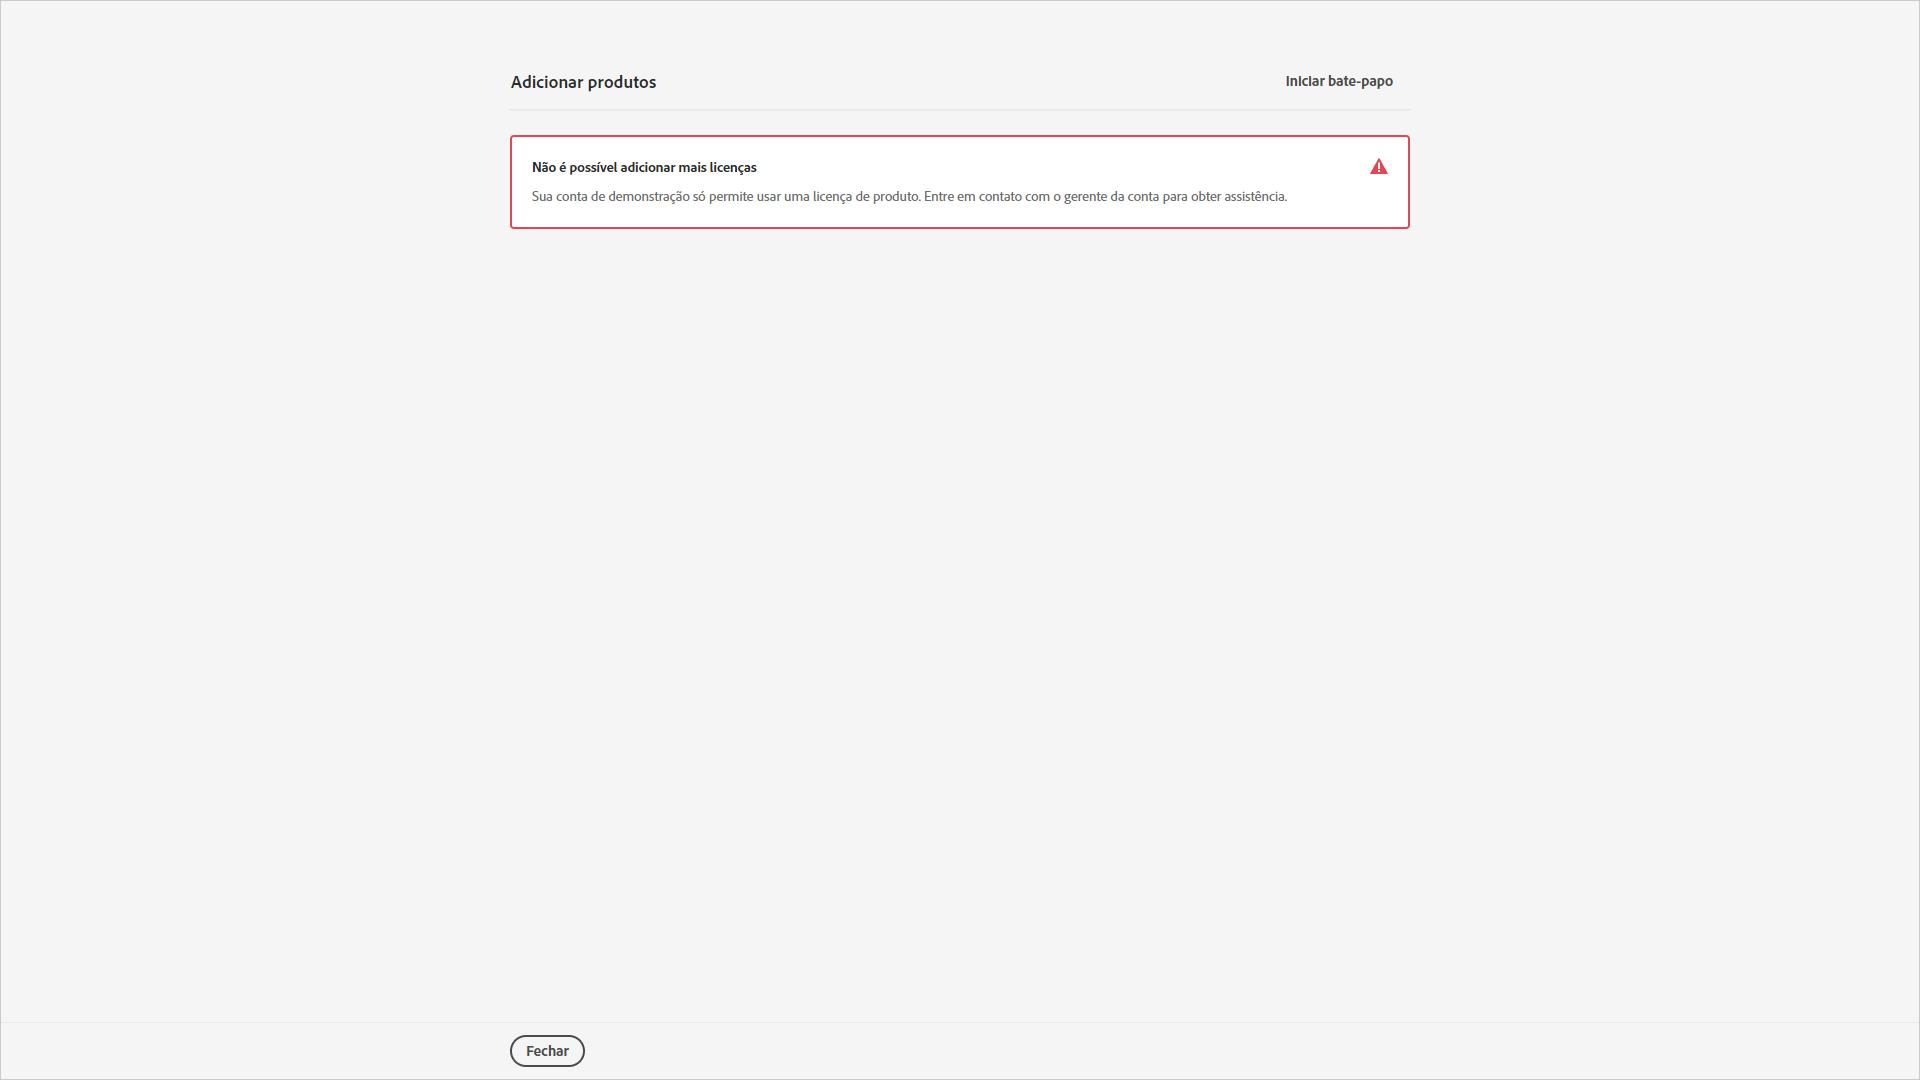 Gestão de licenças Adobe: Adobe Admin Console